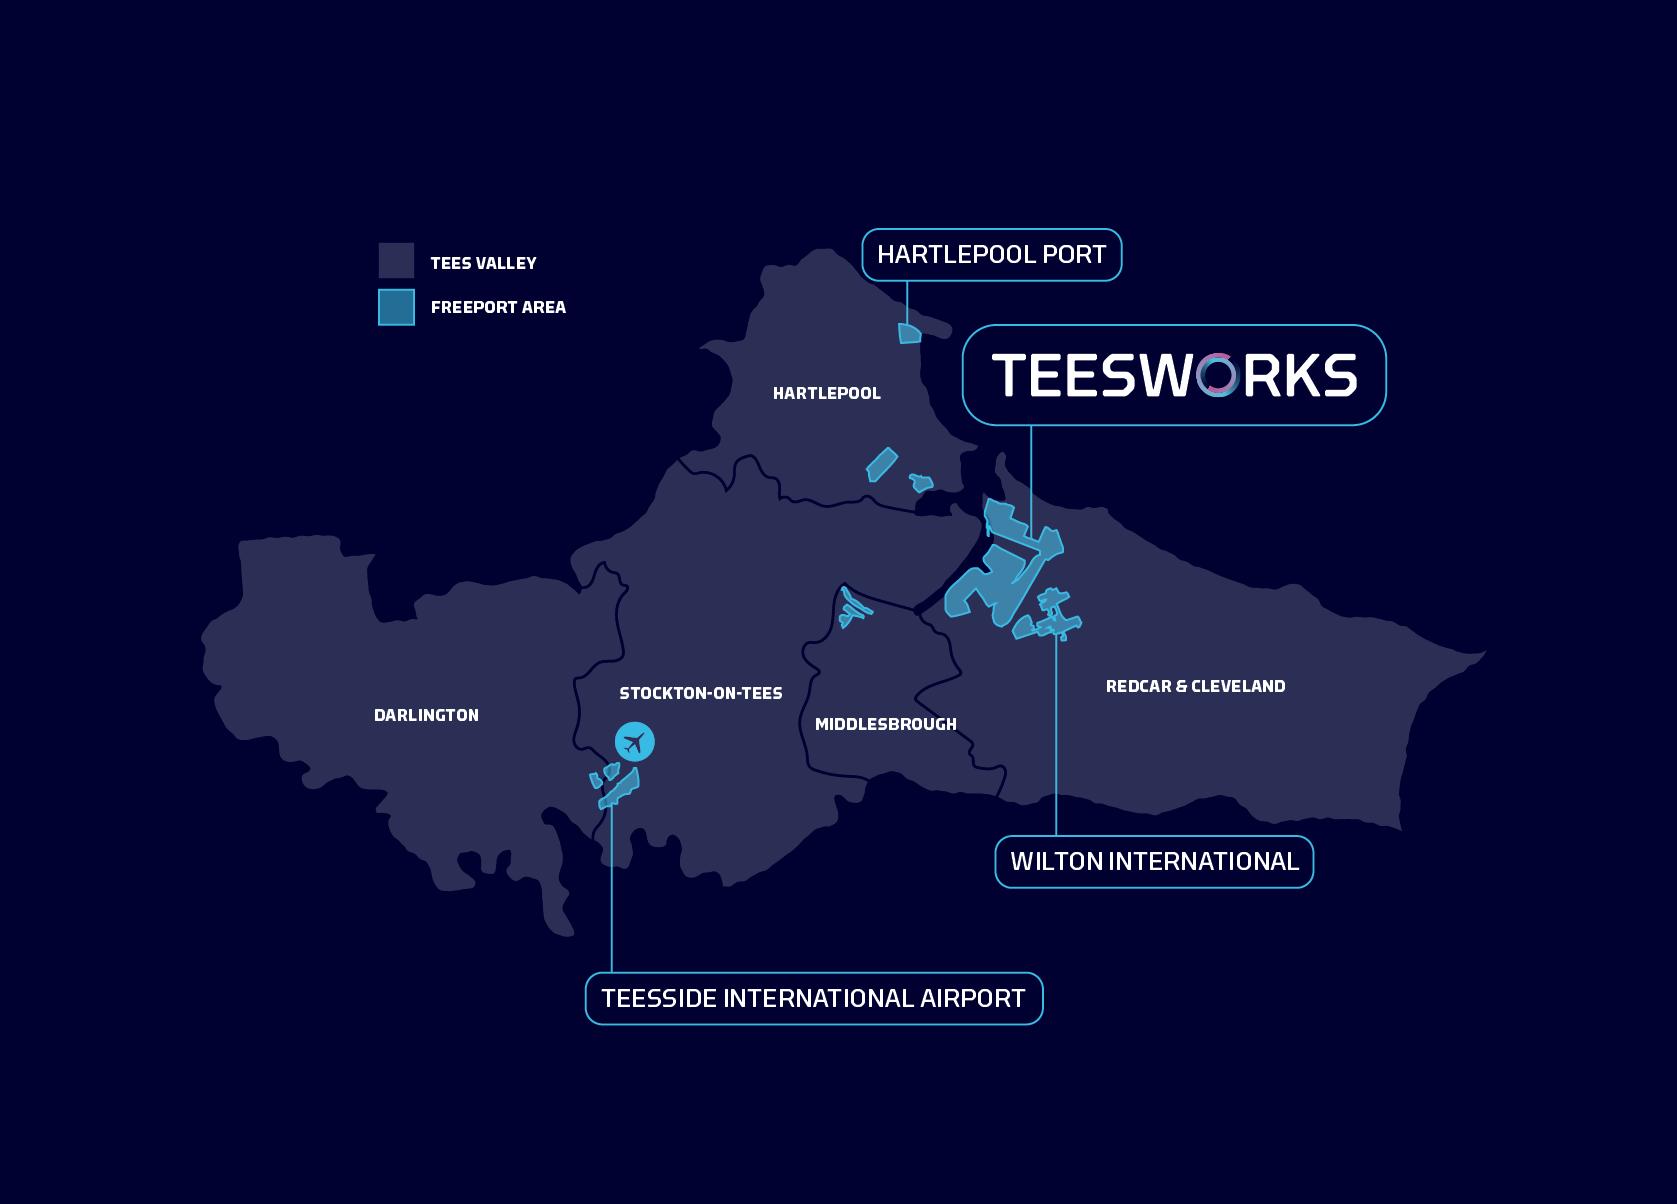 The Teesside Freeport - Teesworks